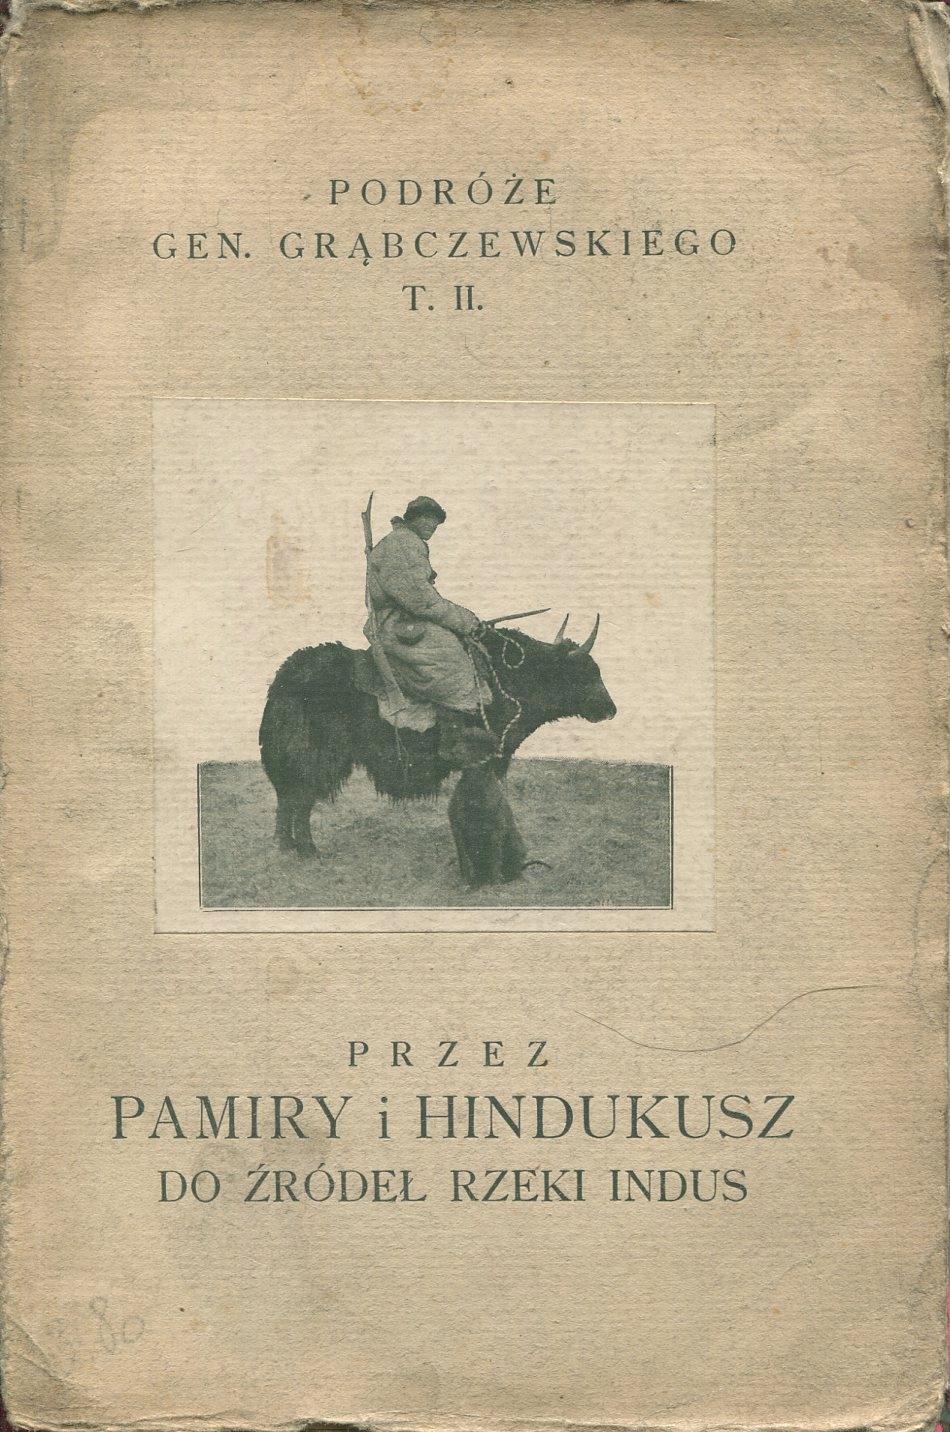 PRZEZ PAMIRY I HINDUKUSZ Grąbczewski / Azja